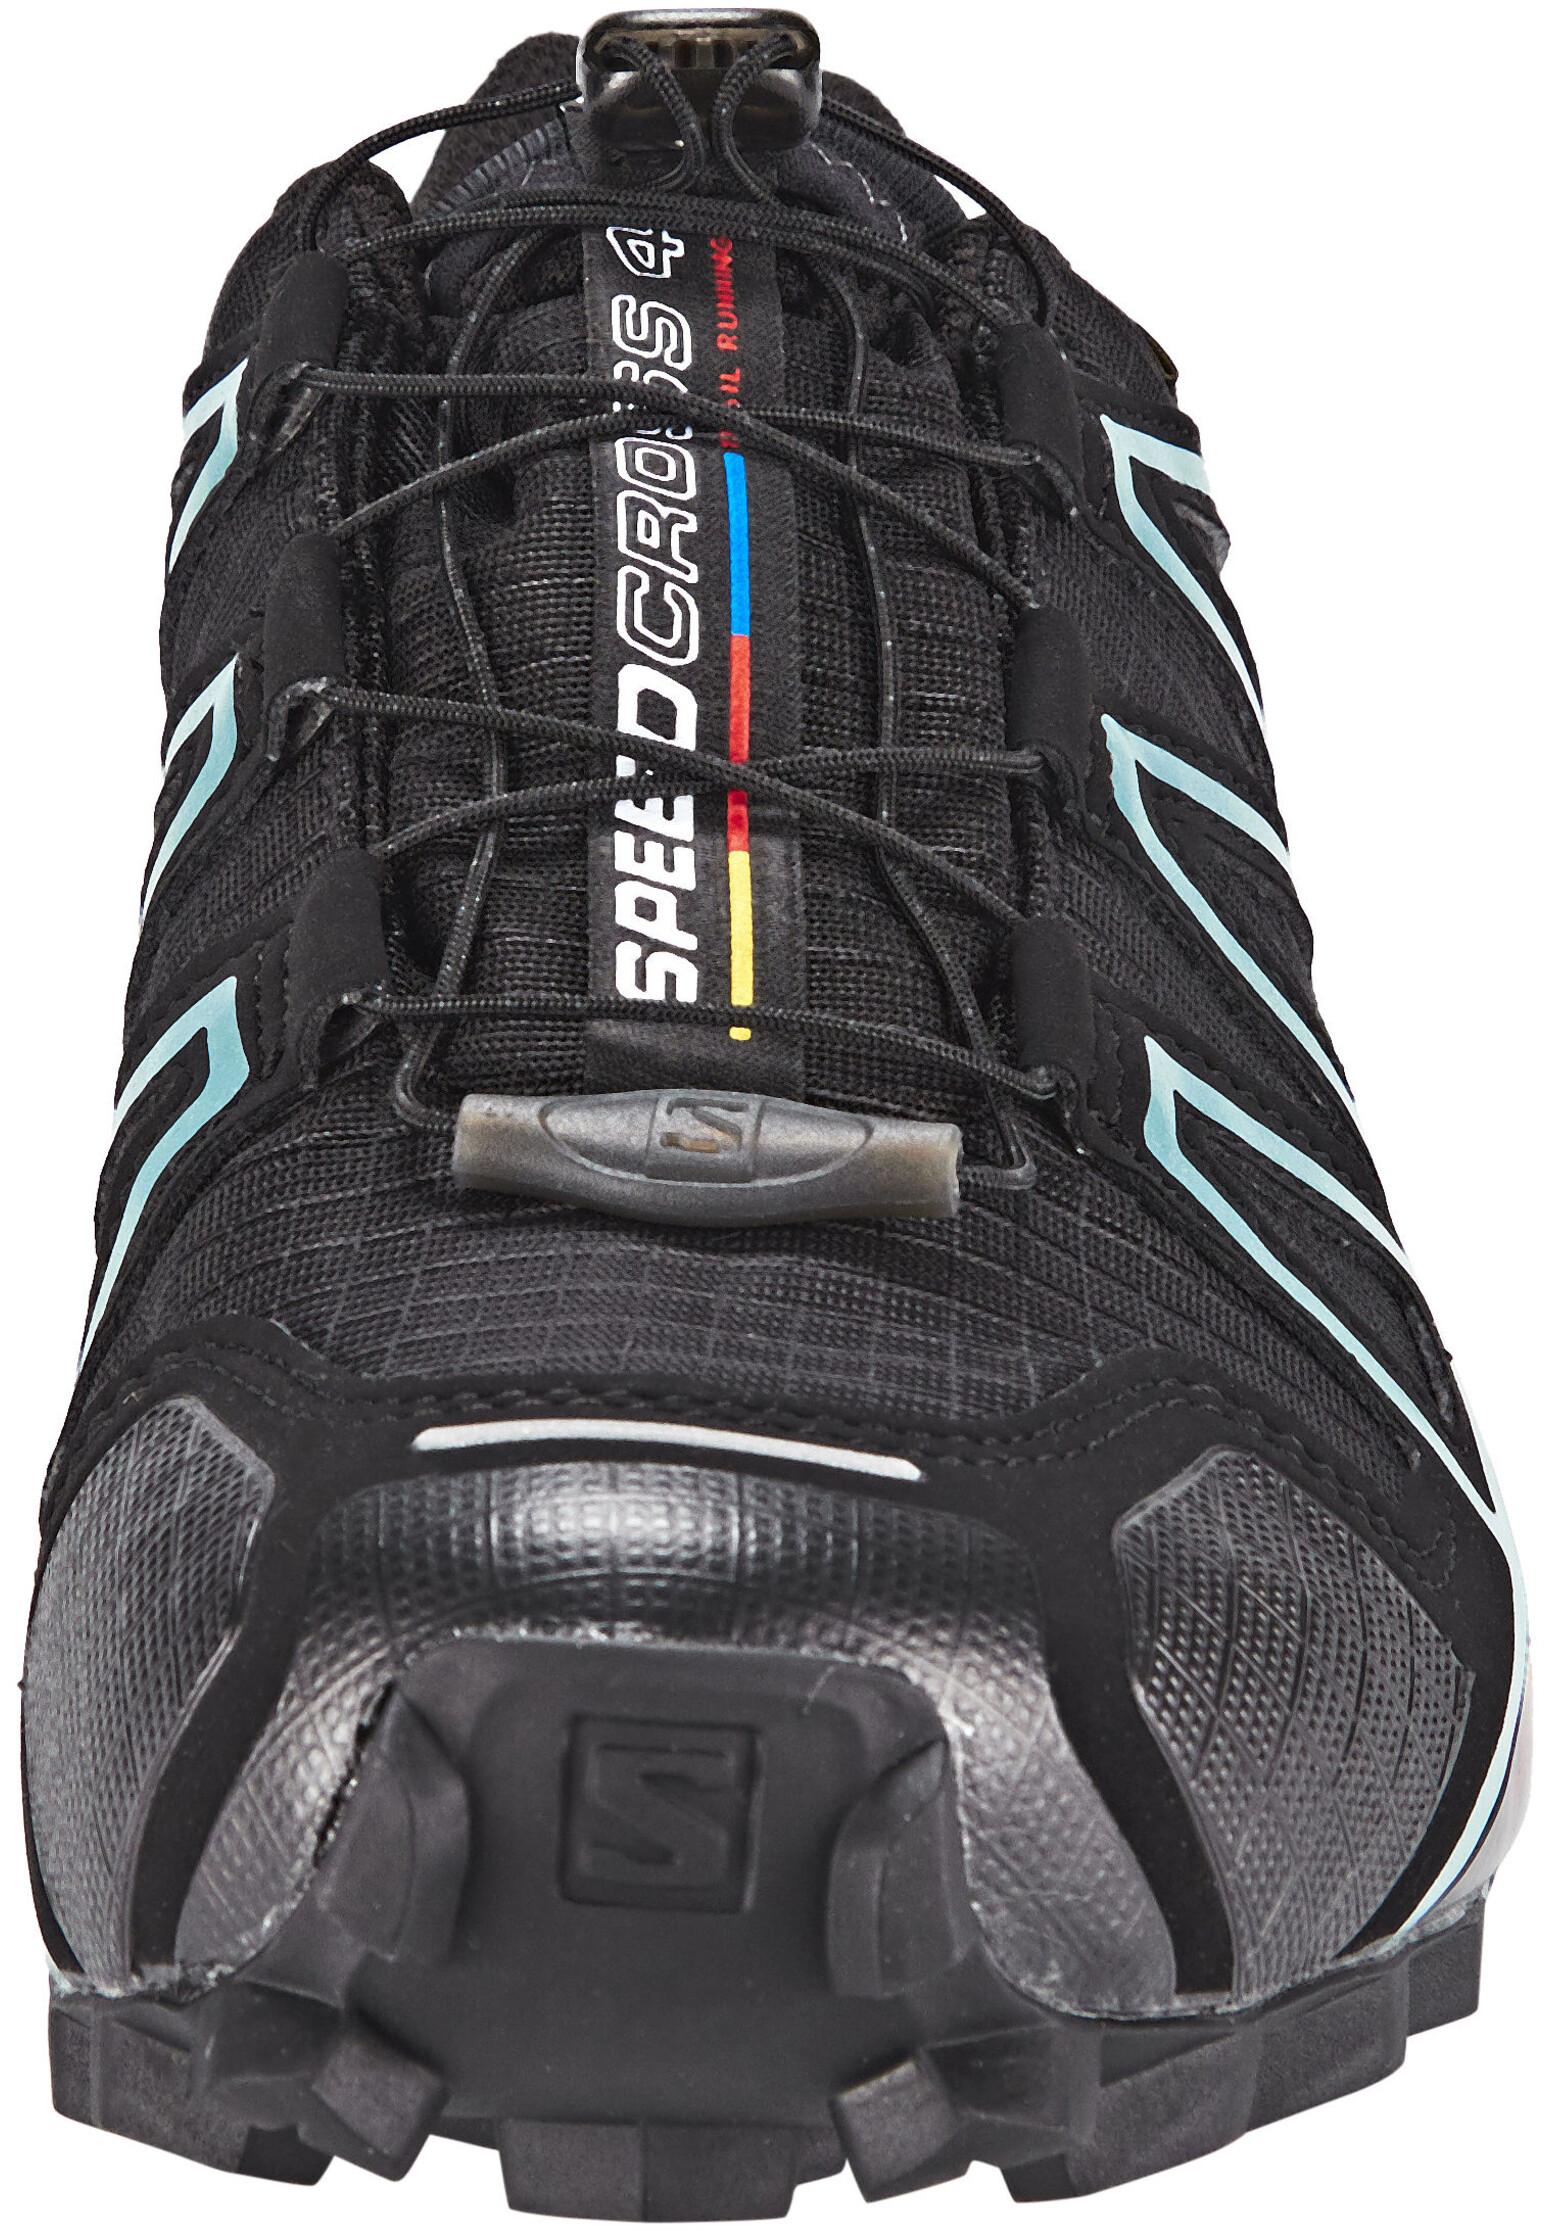 7db8a789d83 Salomon Speedcross 4 GTX - Chaussures running Femme - bleu noir ...